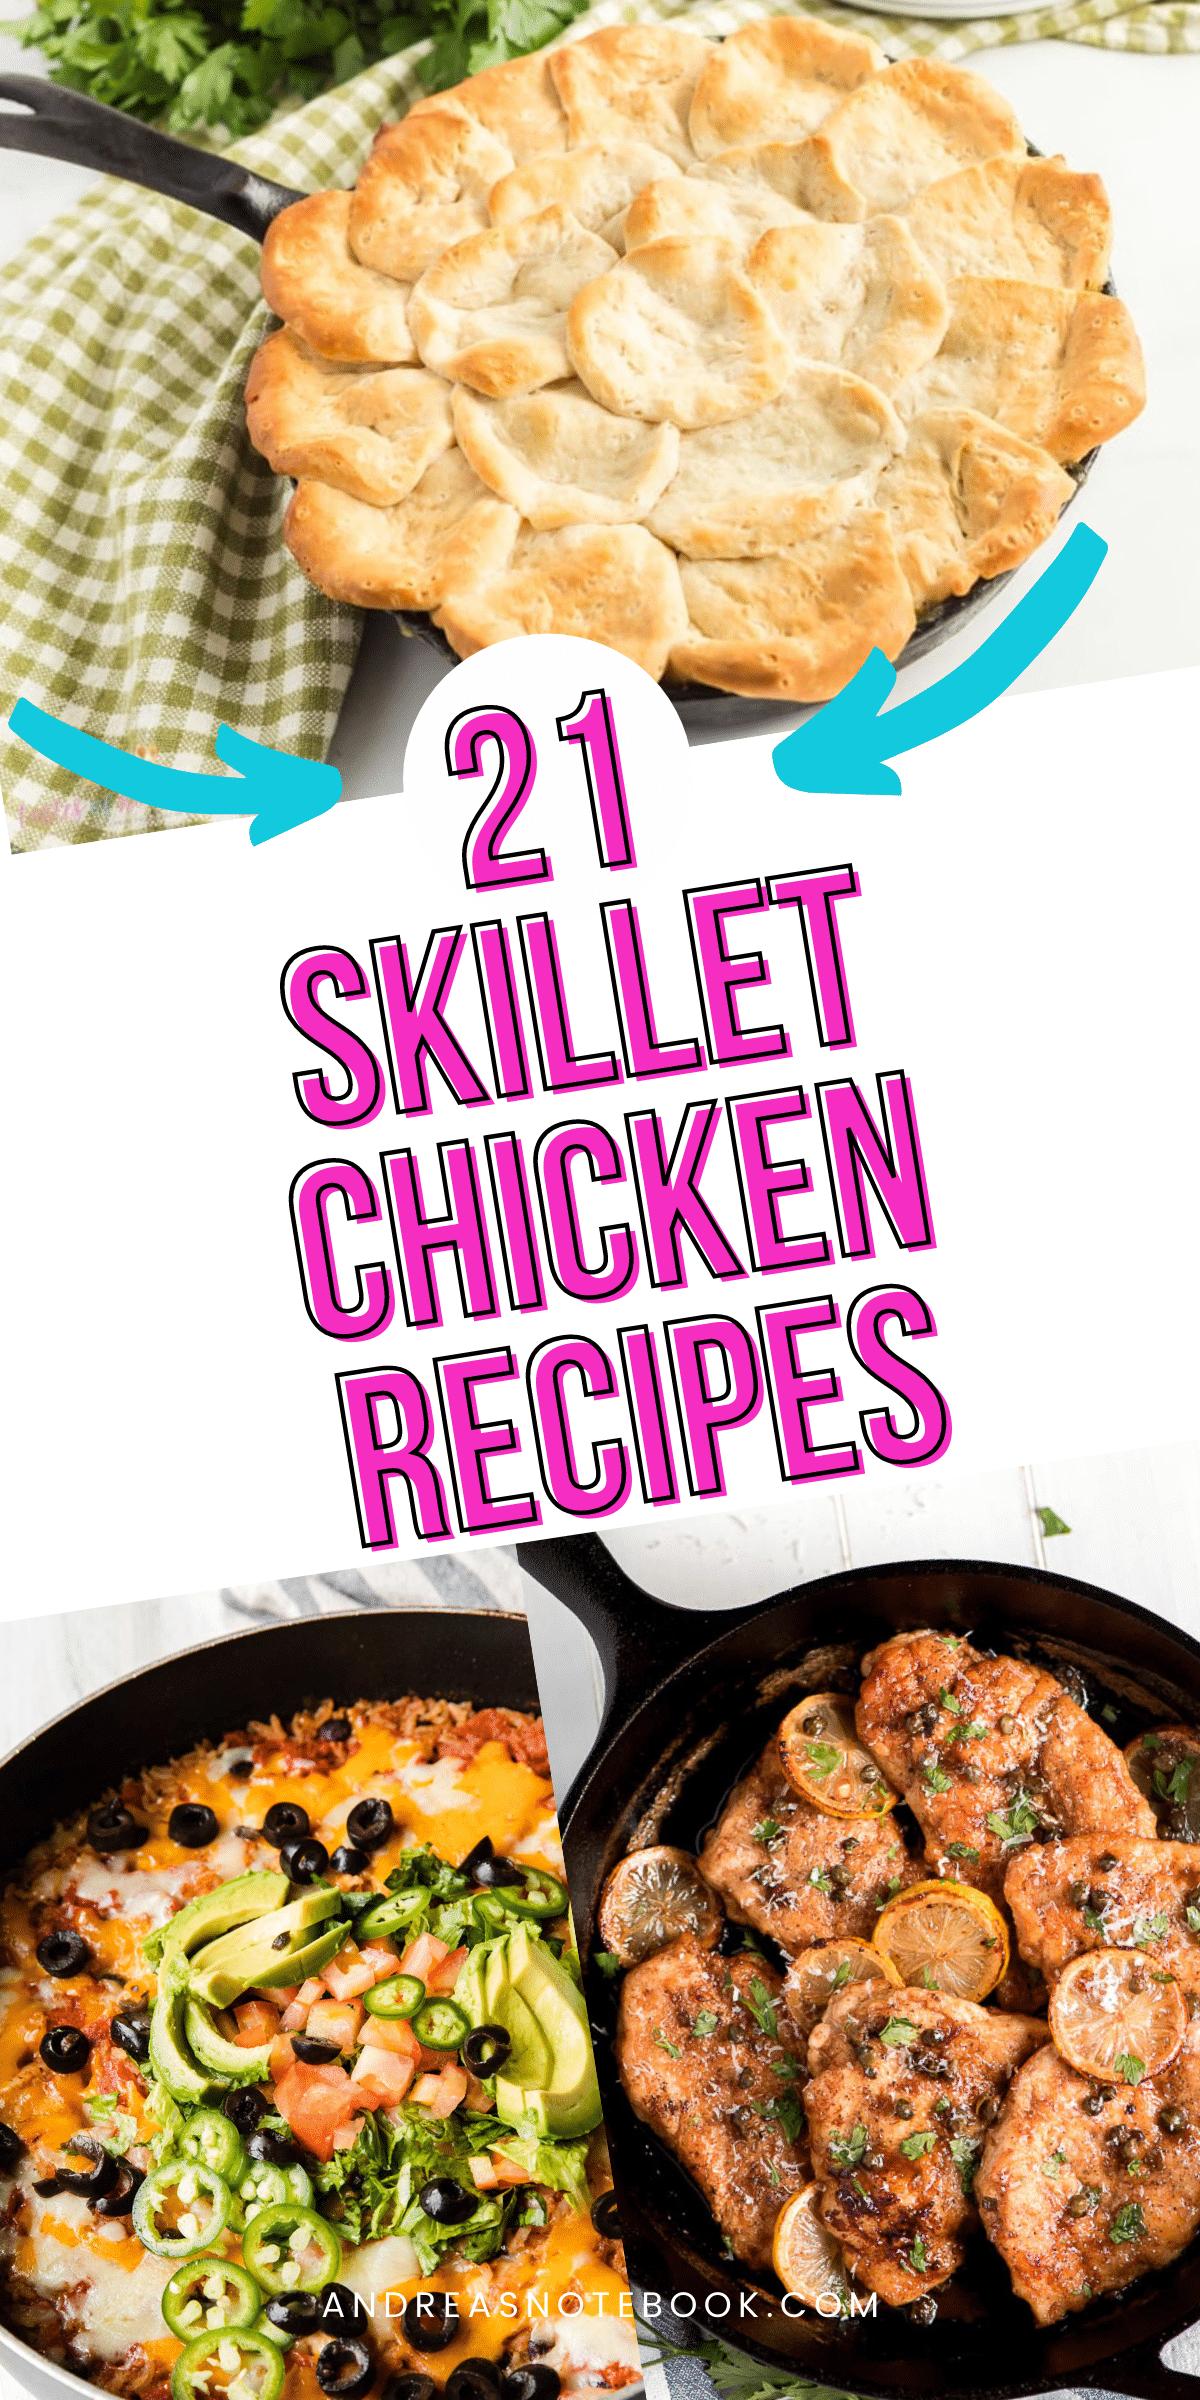 21 skillet chicken recipes - 3 images of chicken skillet recipes